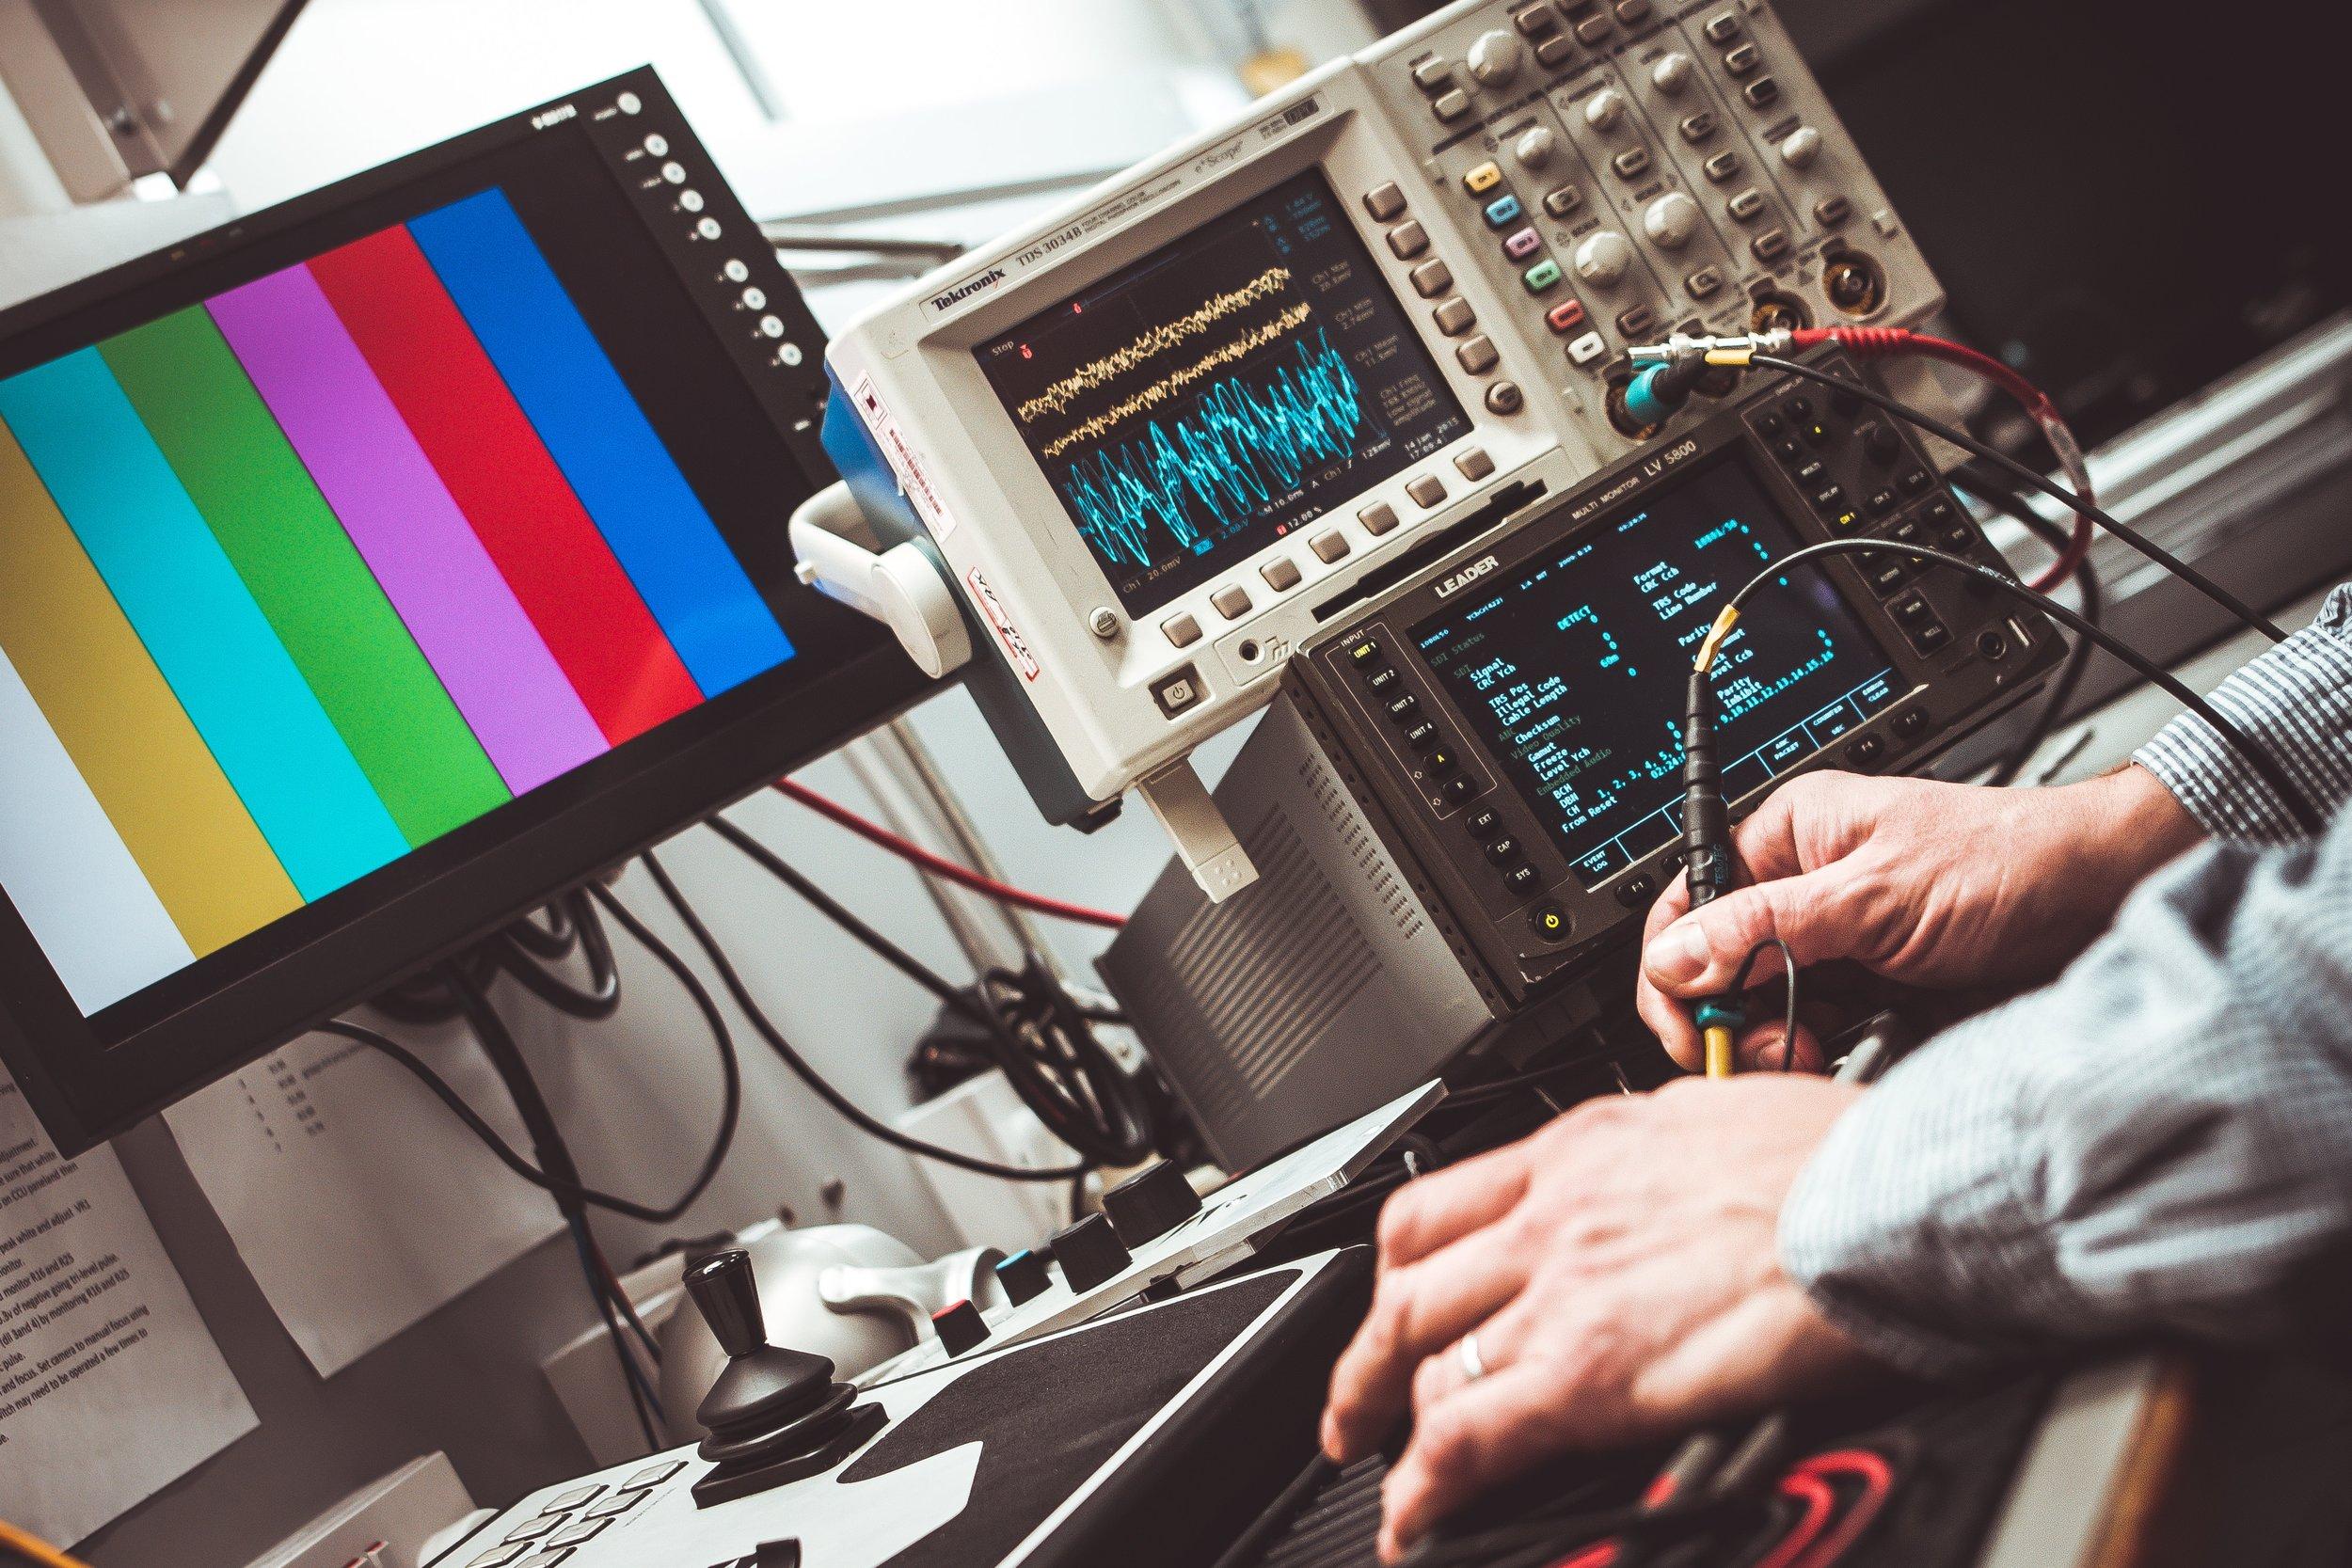 Fotografie oferita de site-ul  www.pexels.com